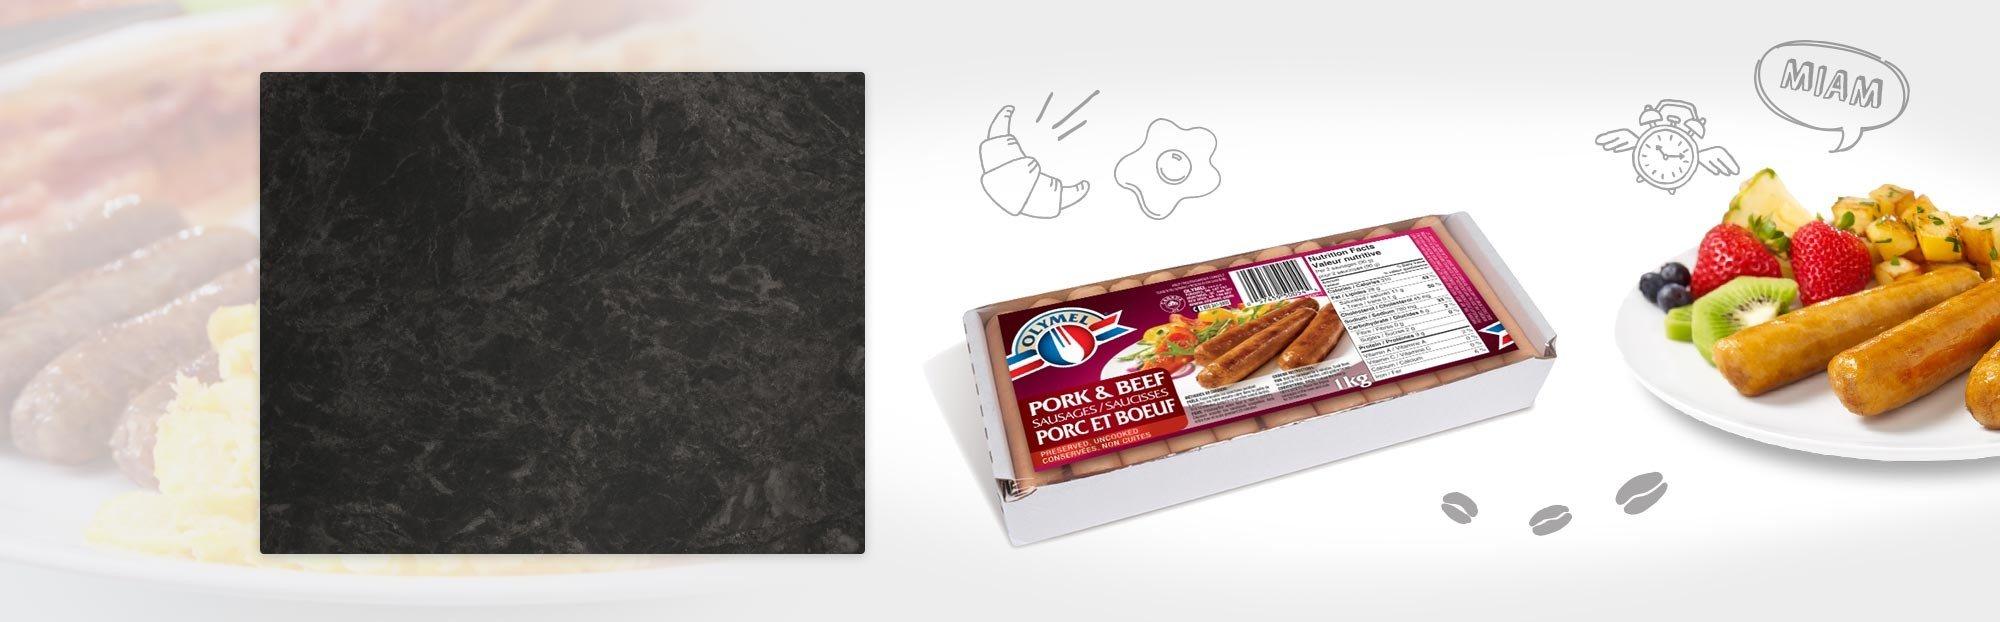 Saucisses à déjeuner porc et boeuf